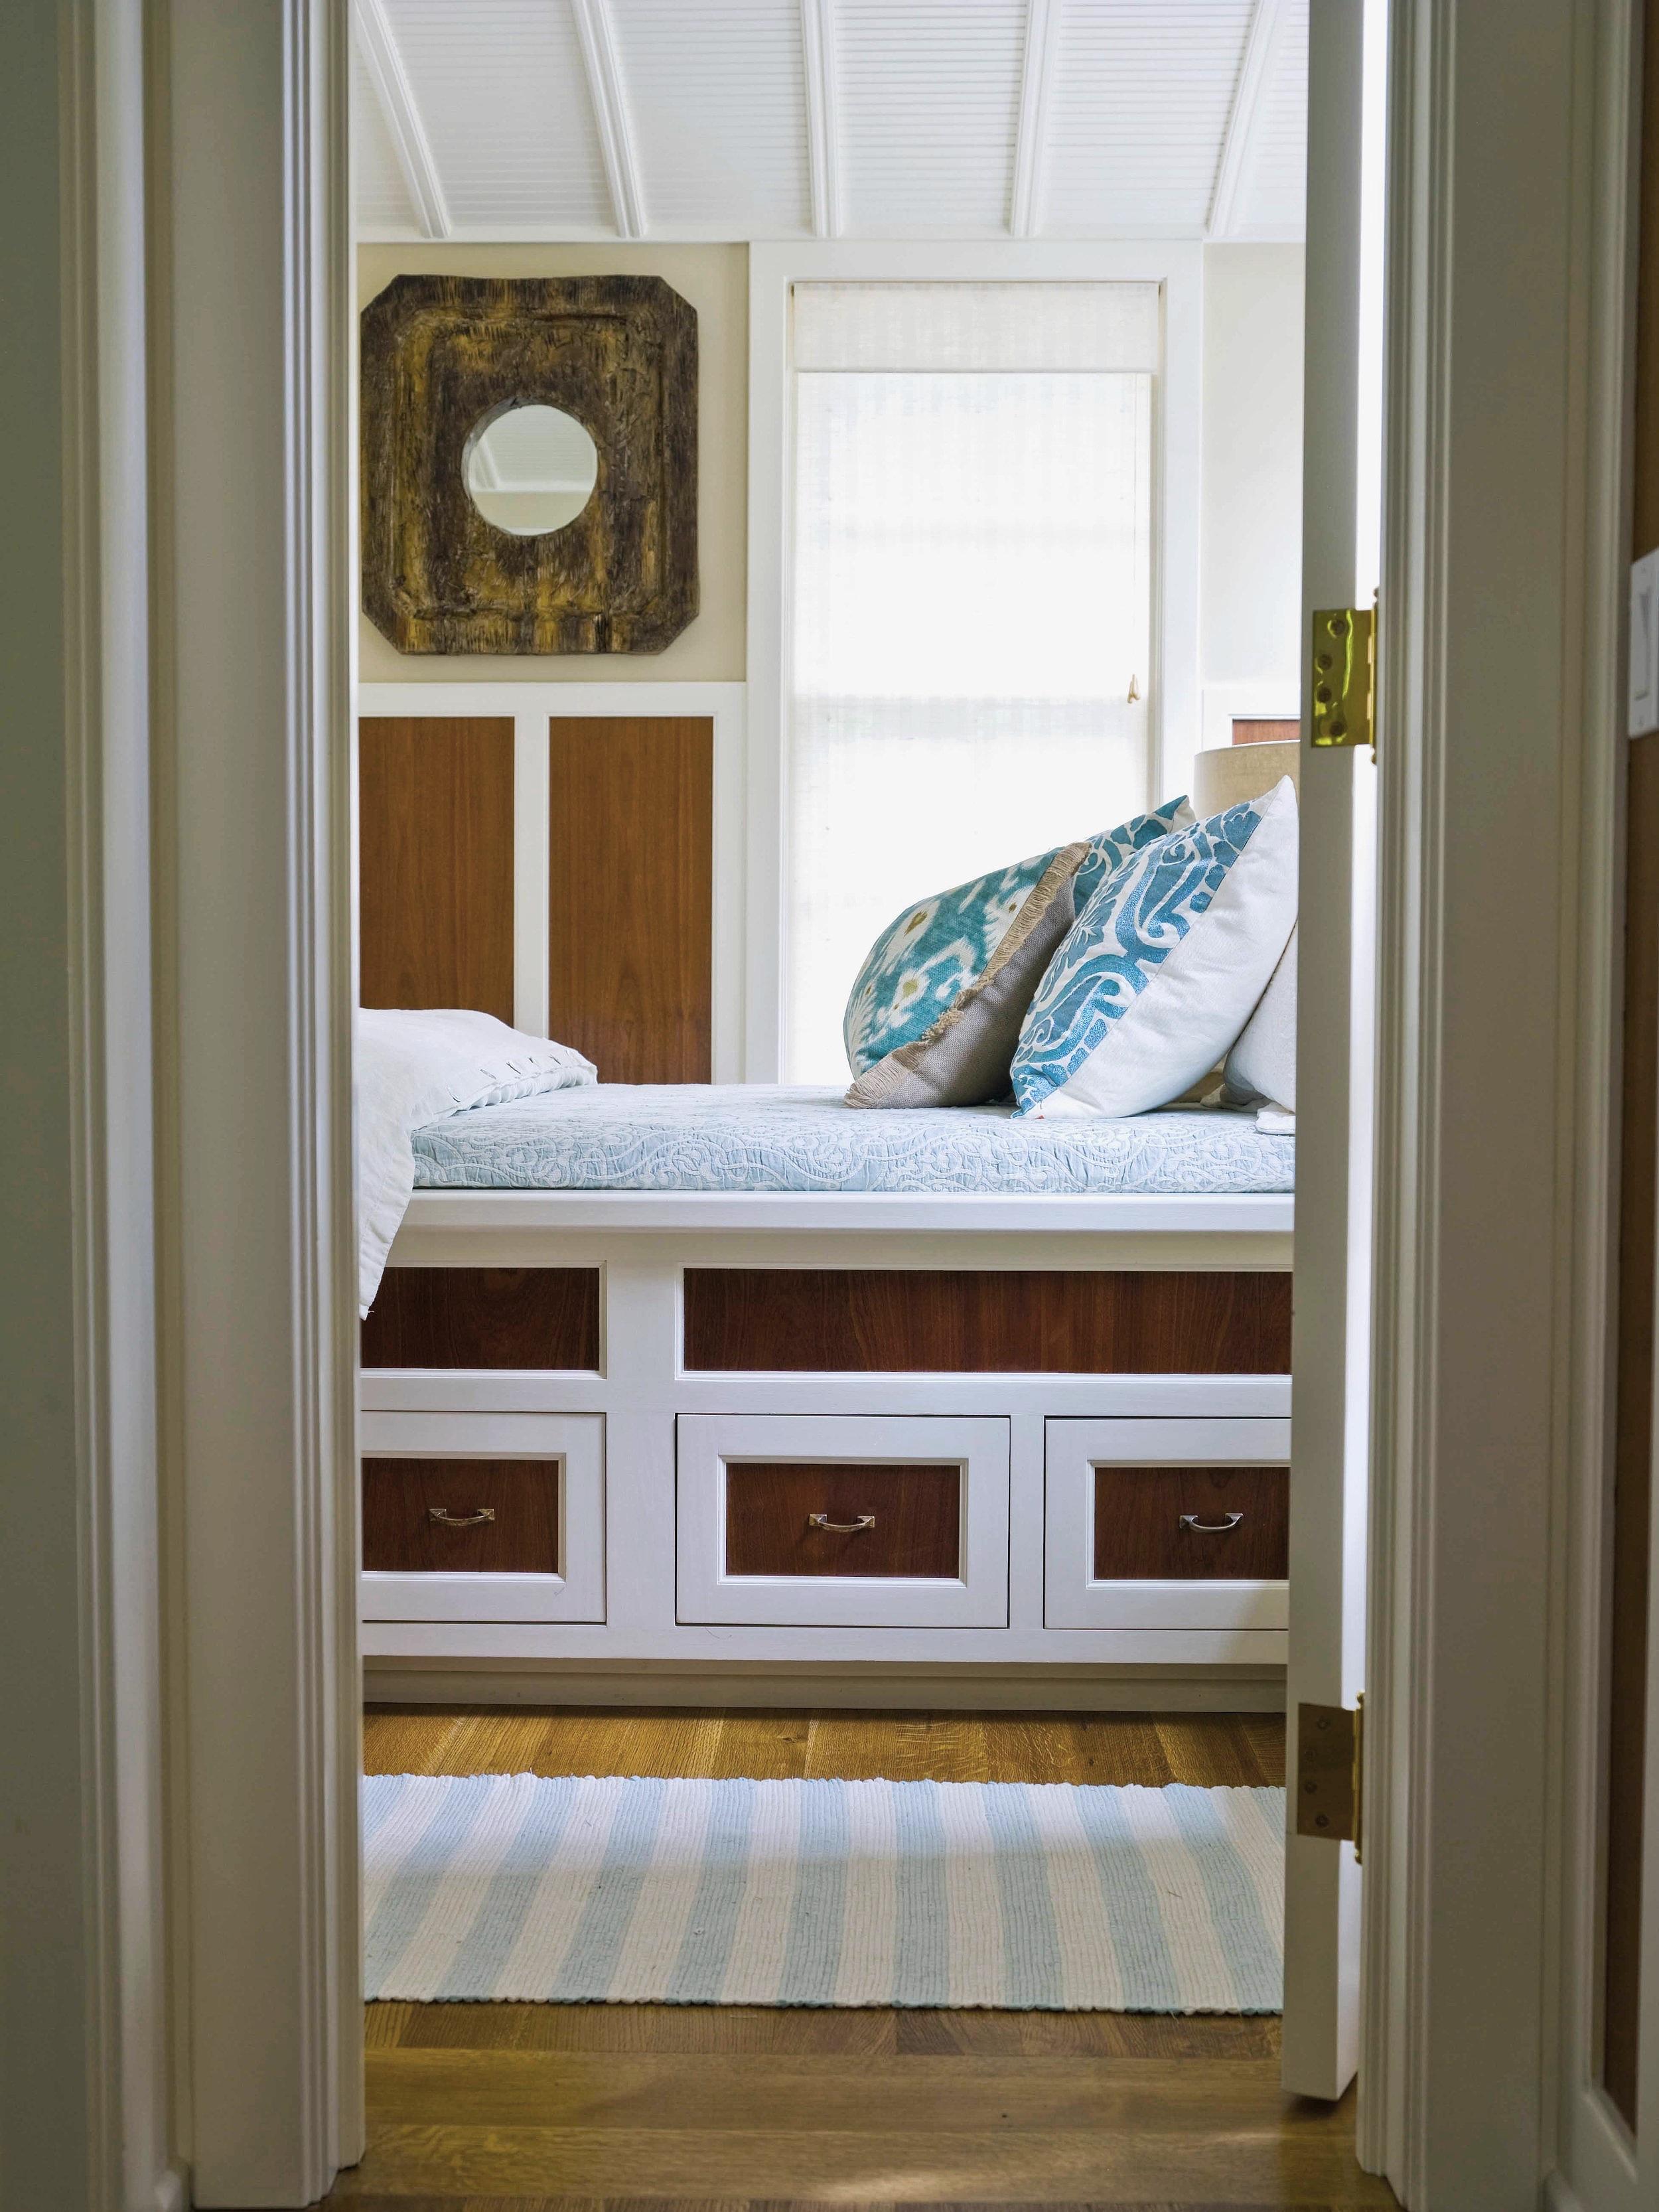 CU+Guest+Bedroom+2.jpg